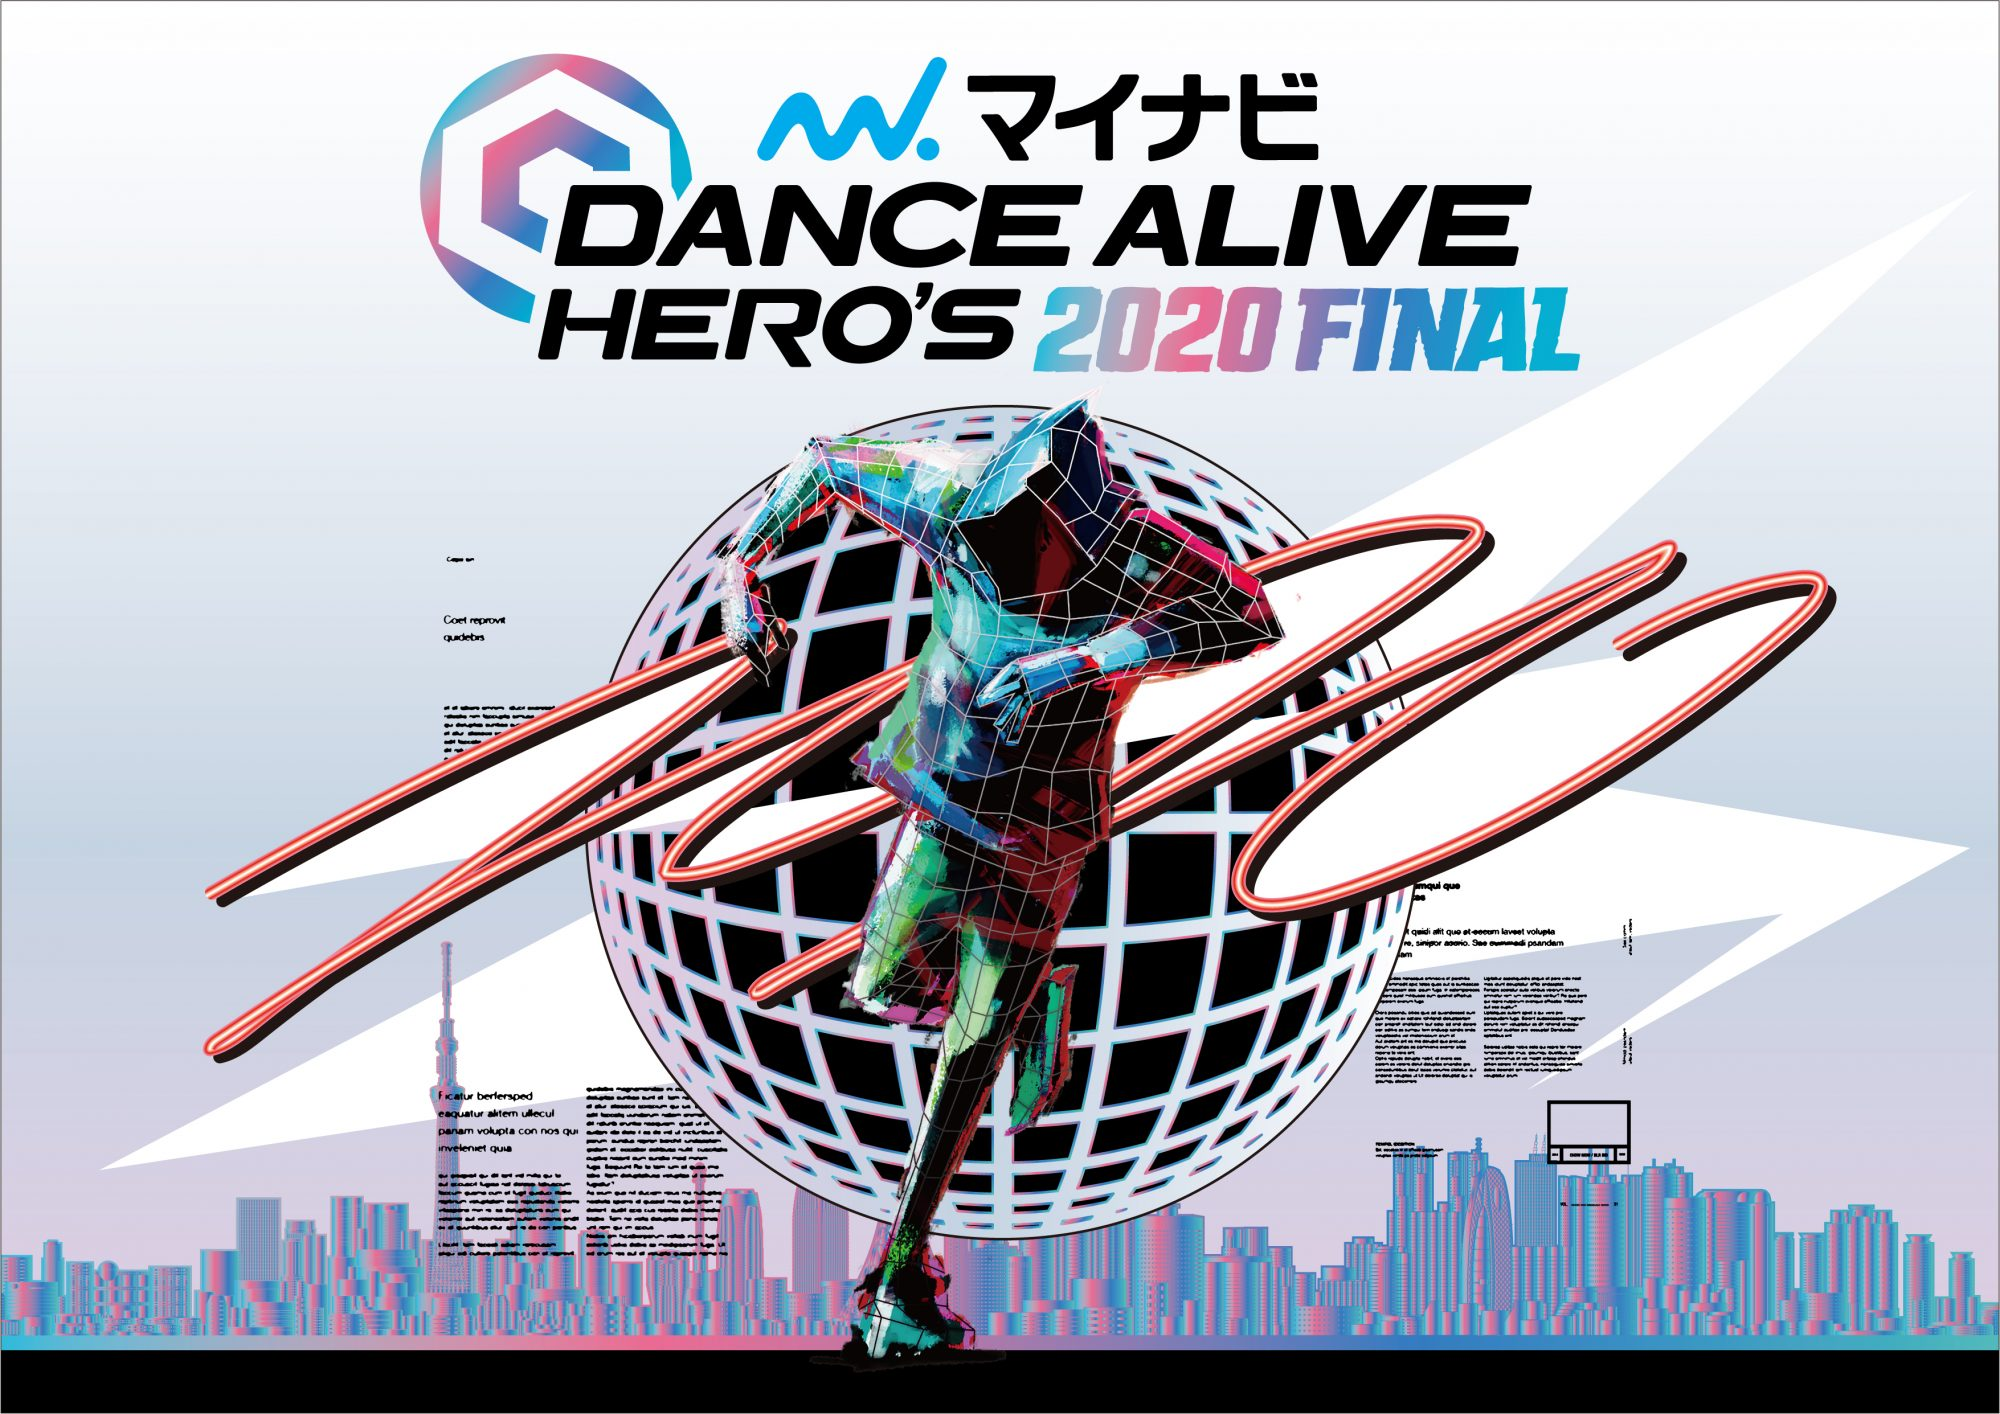 令和初のストリートダンス界 最強ヒーローの称号は誰の手に!?世界最大級ストリートダンスイベント『マイナビDANCE ALIVE HERO'S 2020 FINAL』情報公開